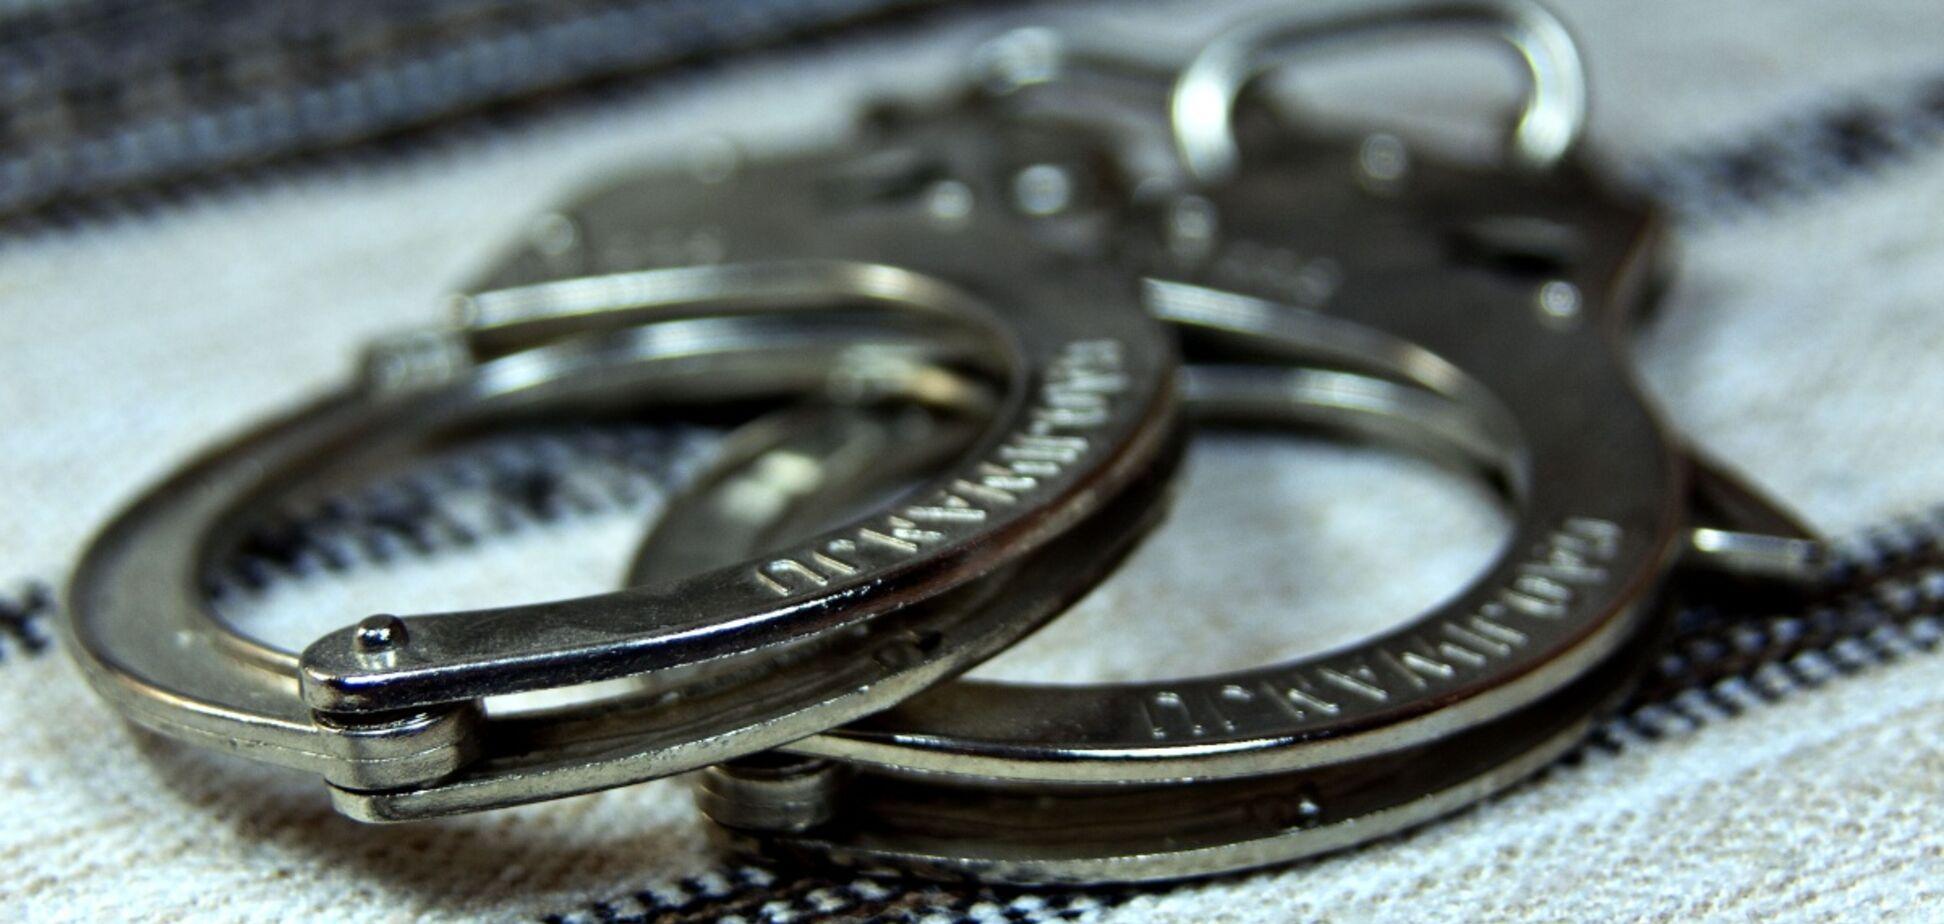 В Україні заарештували товариша по службі Осмаєва за запитом Росії